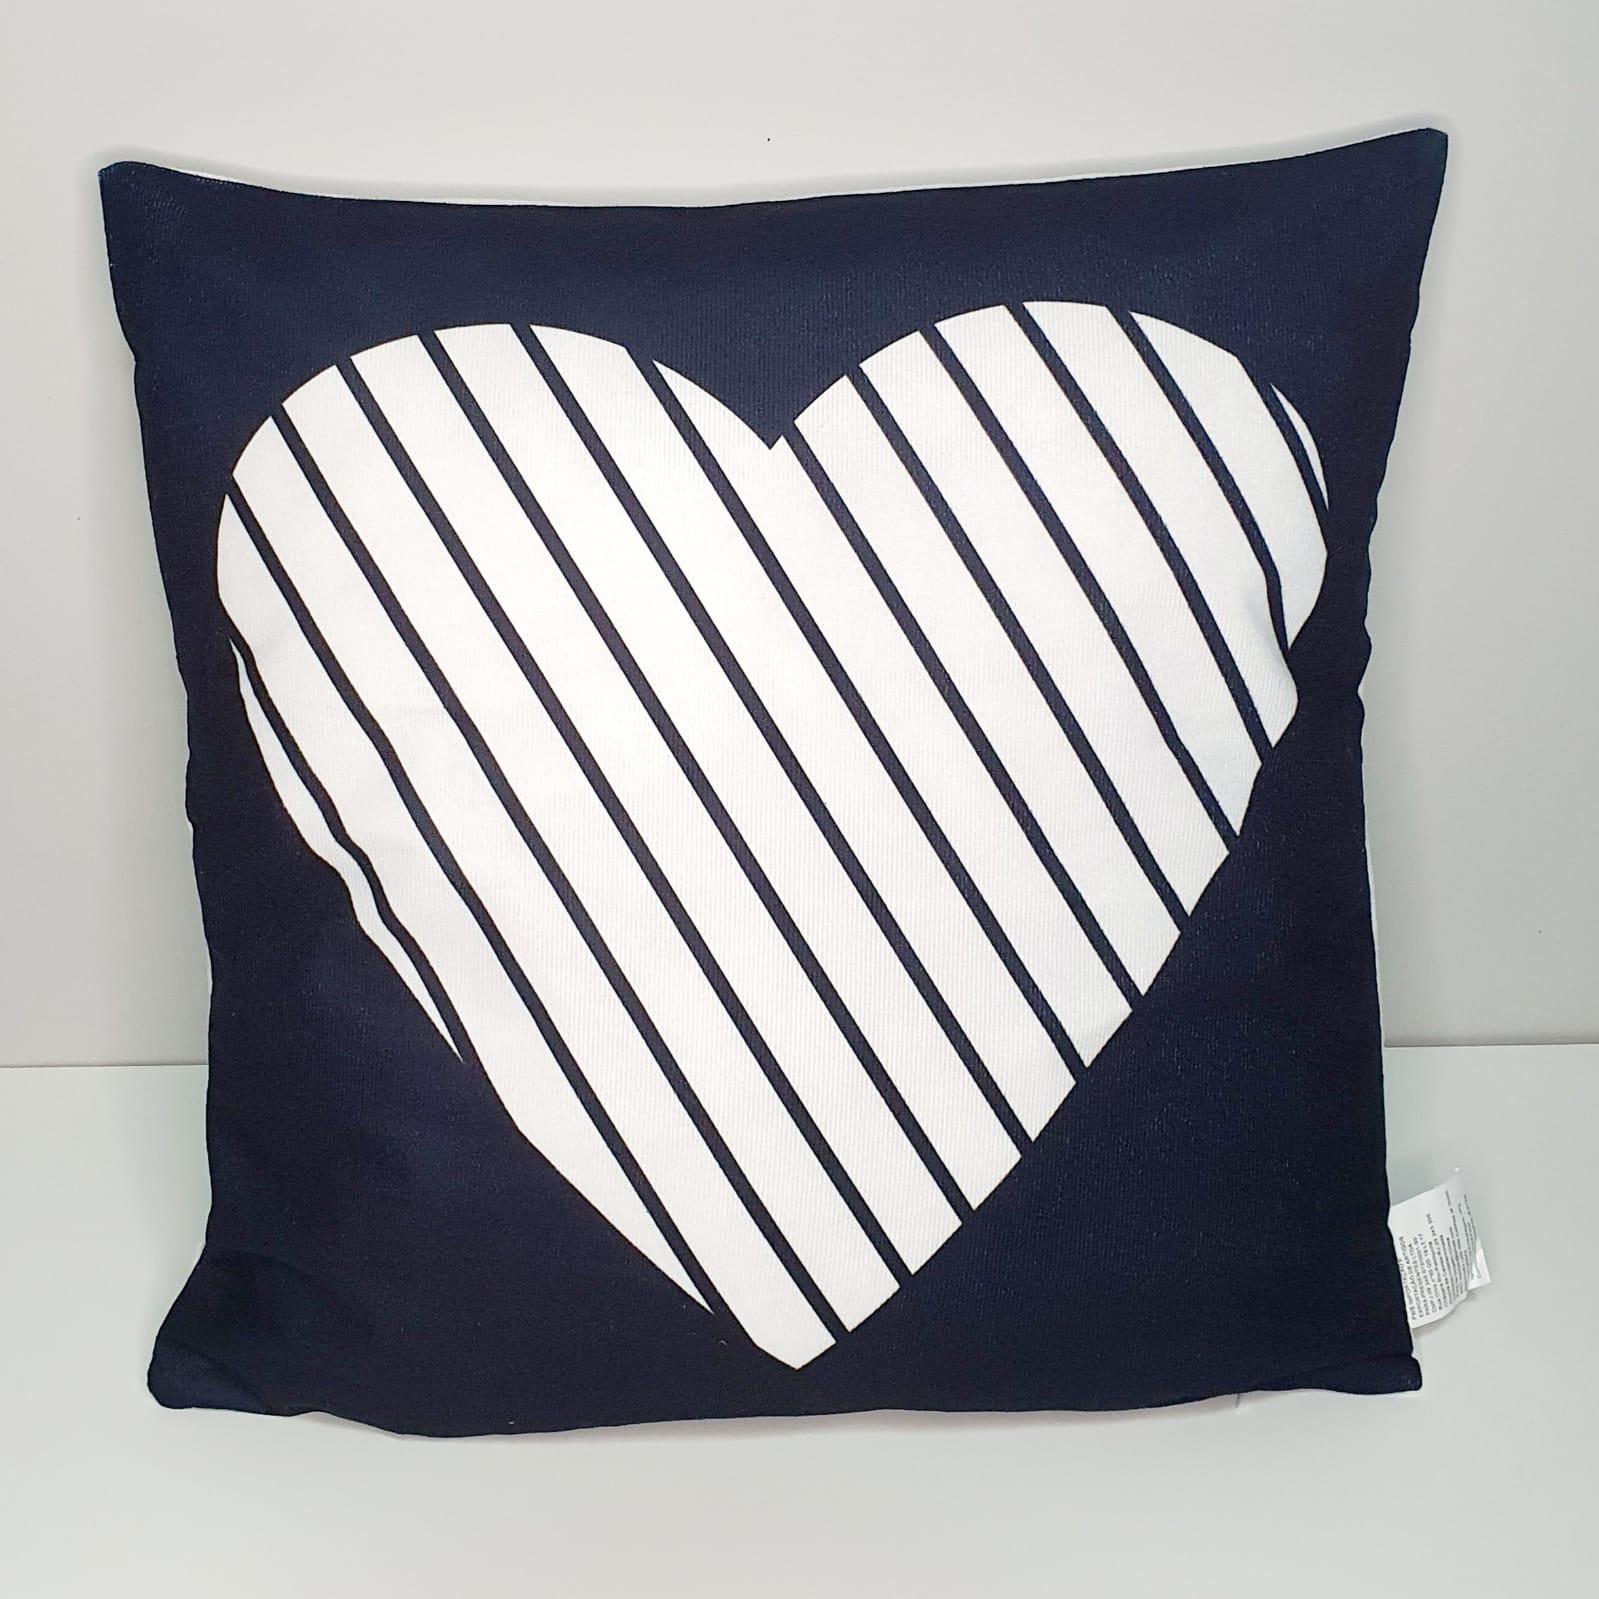 Capa para almofada - Coração listrado Preta e branca